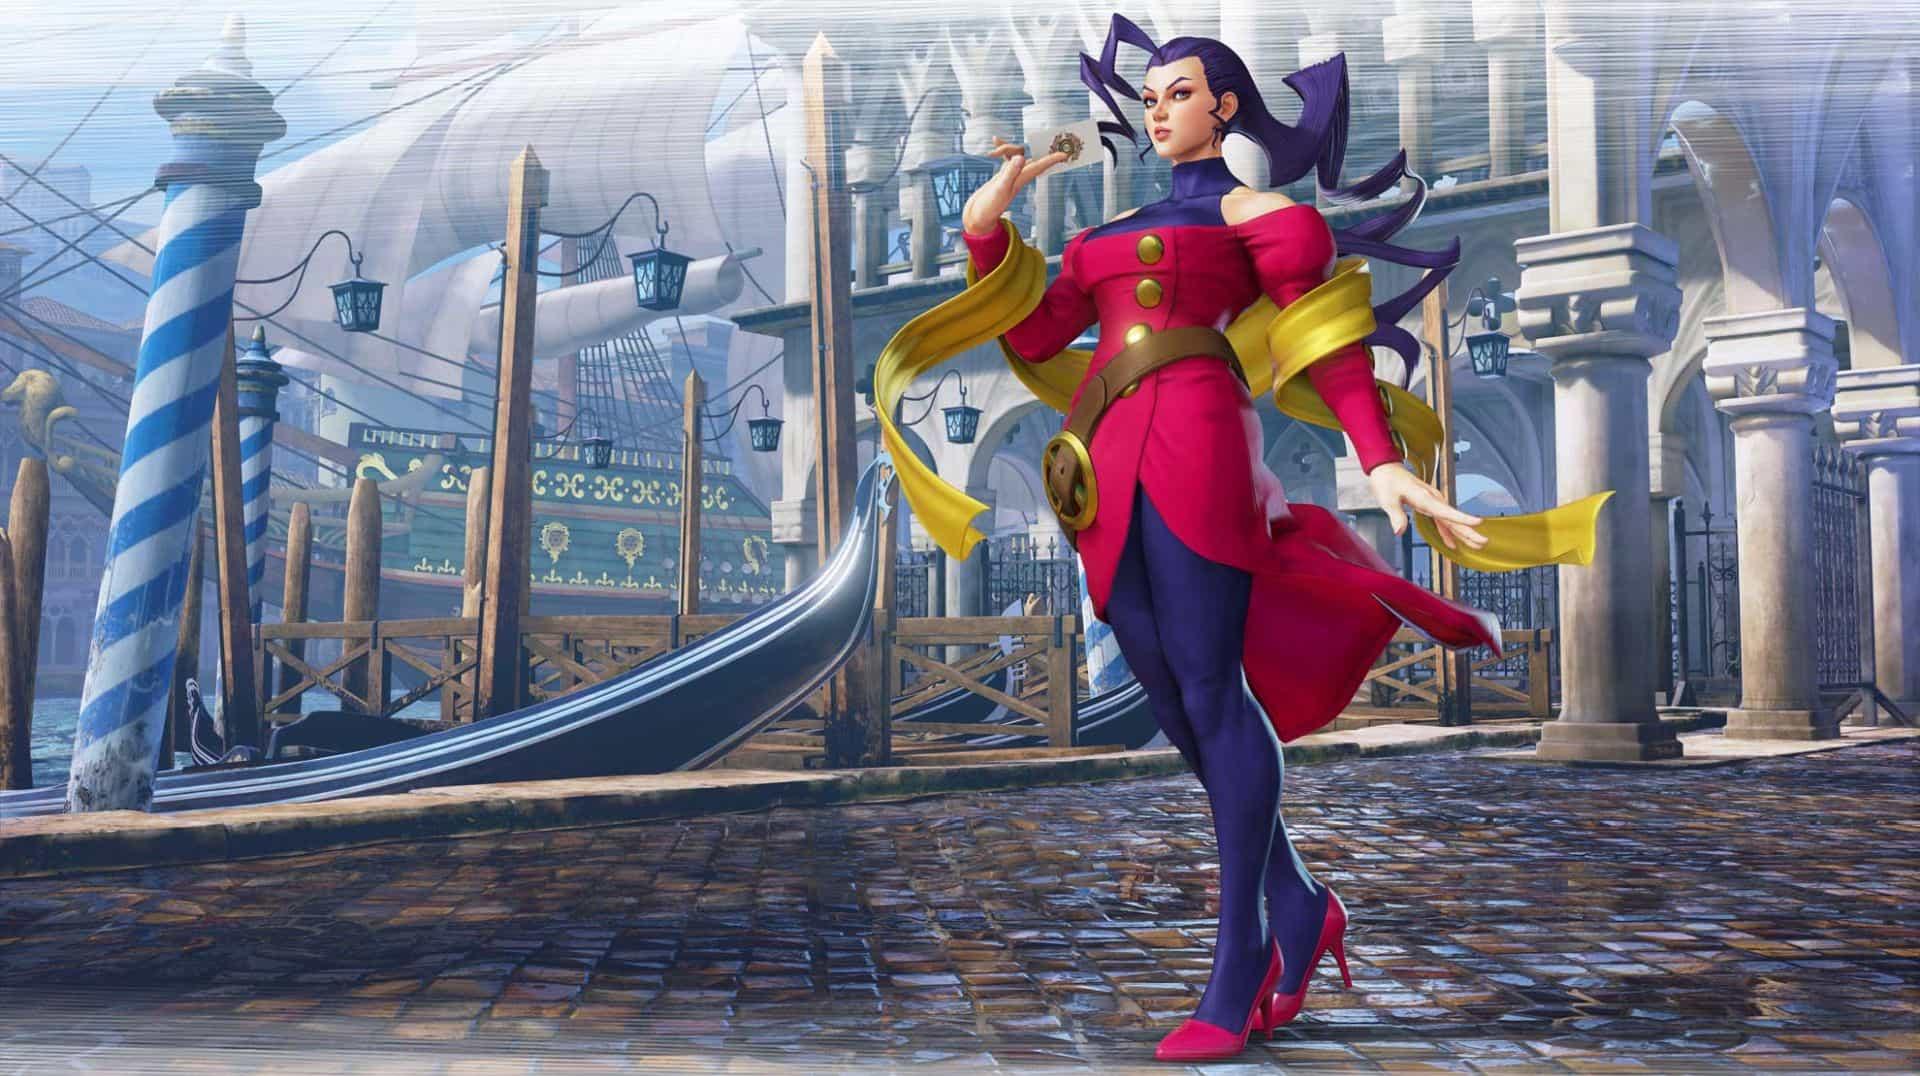 Street Fighter 5: Champion Edition lanza un nuevo tráiler con su último luchador 3